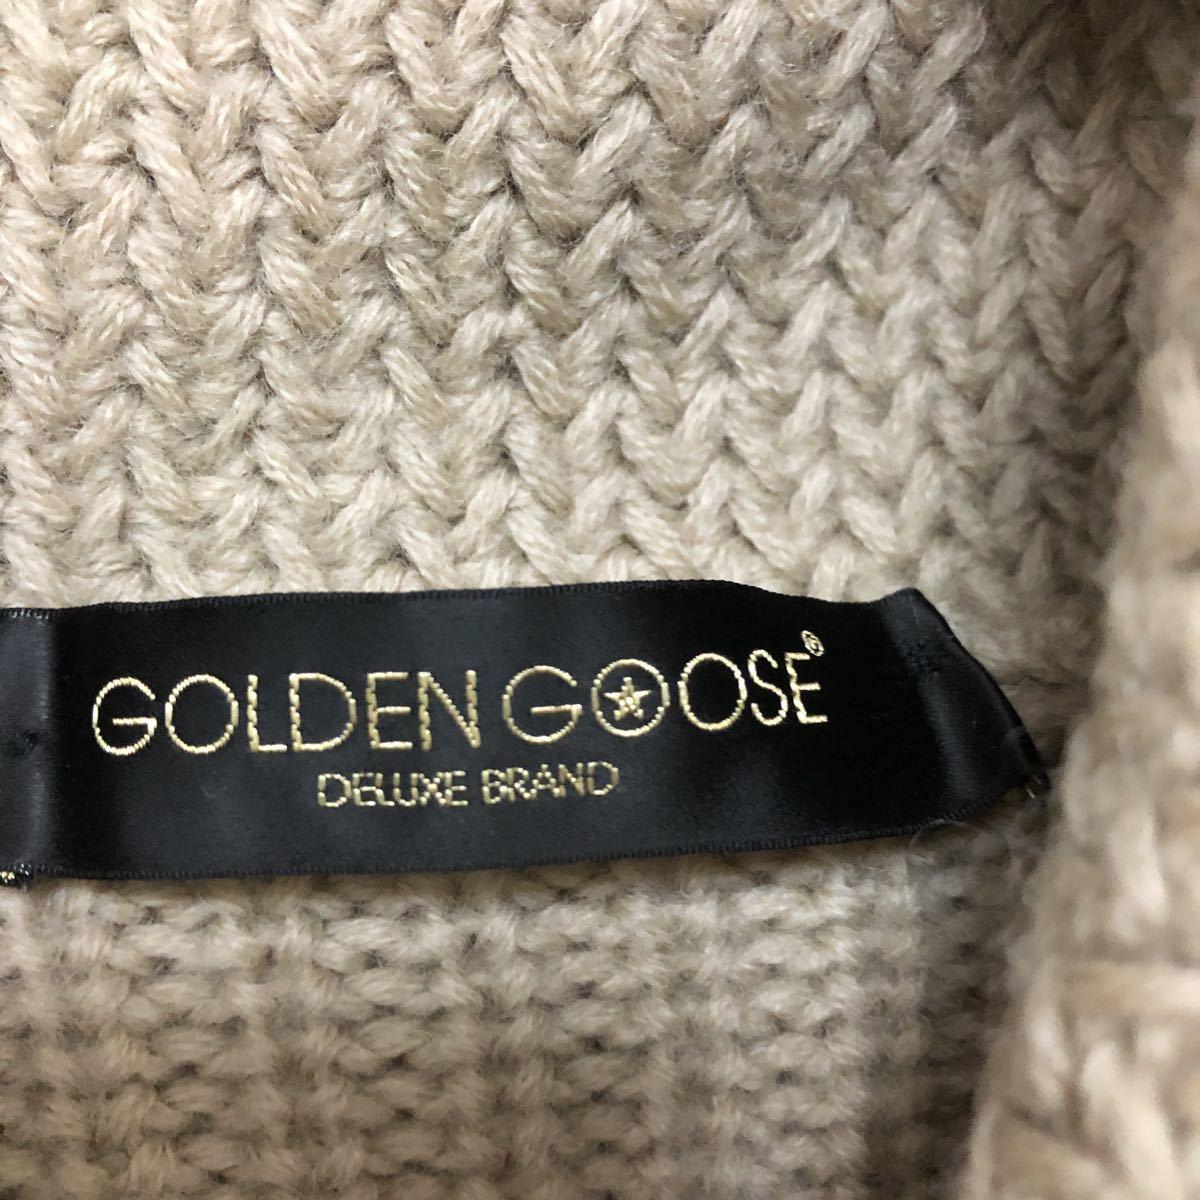 イタリア製ゴールデングースgolden gooseショールカラー コマンドニット ニットセーター xs_画像4